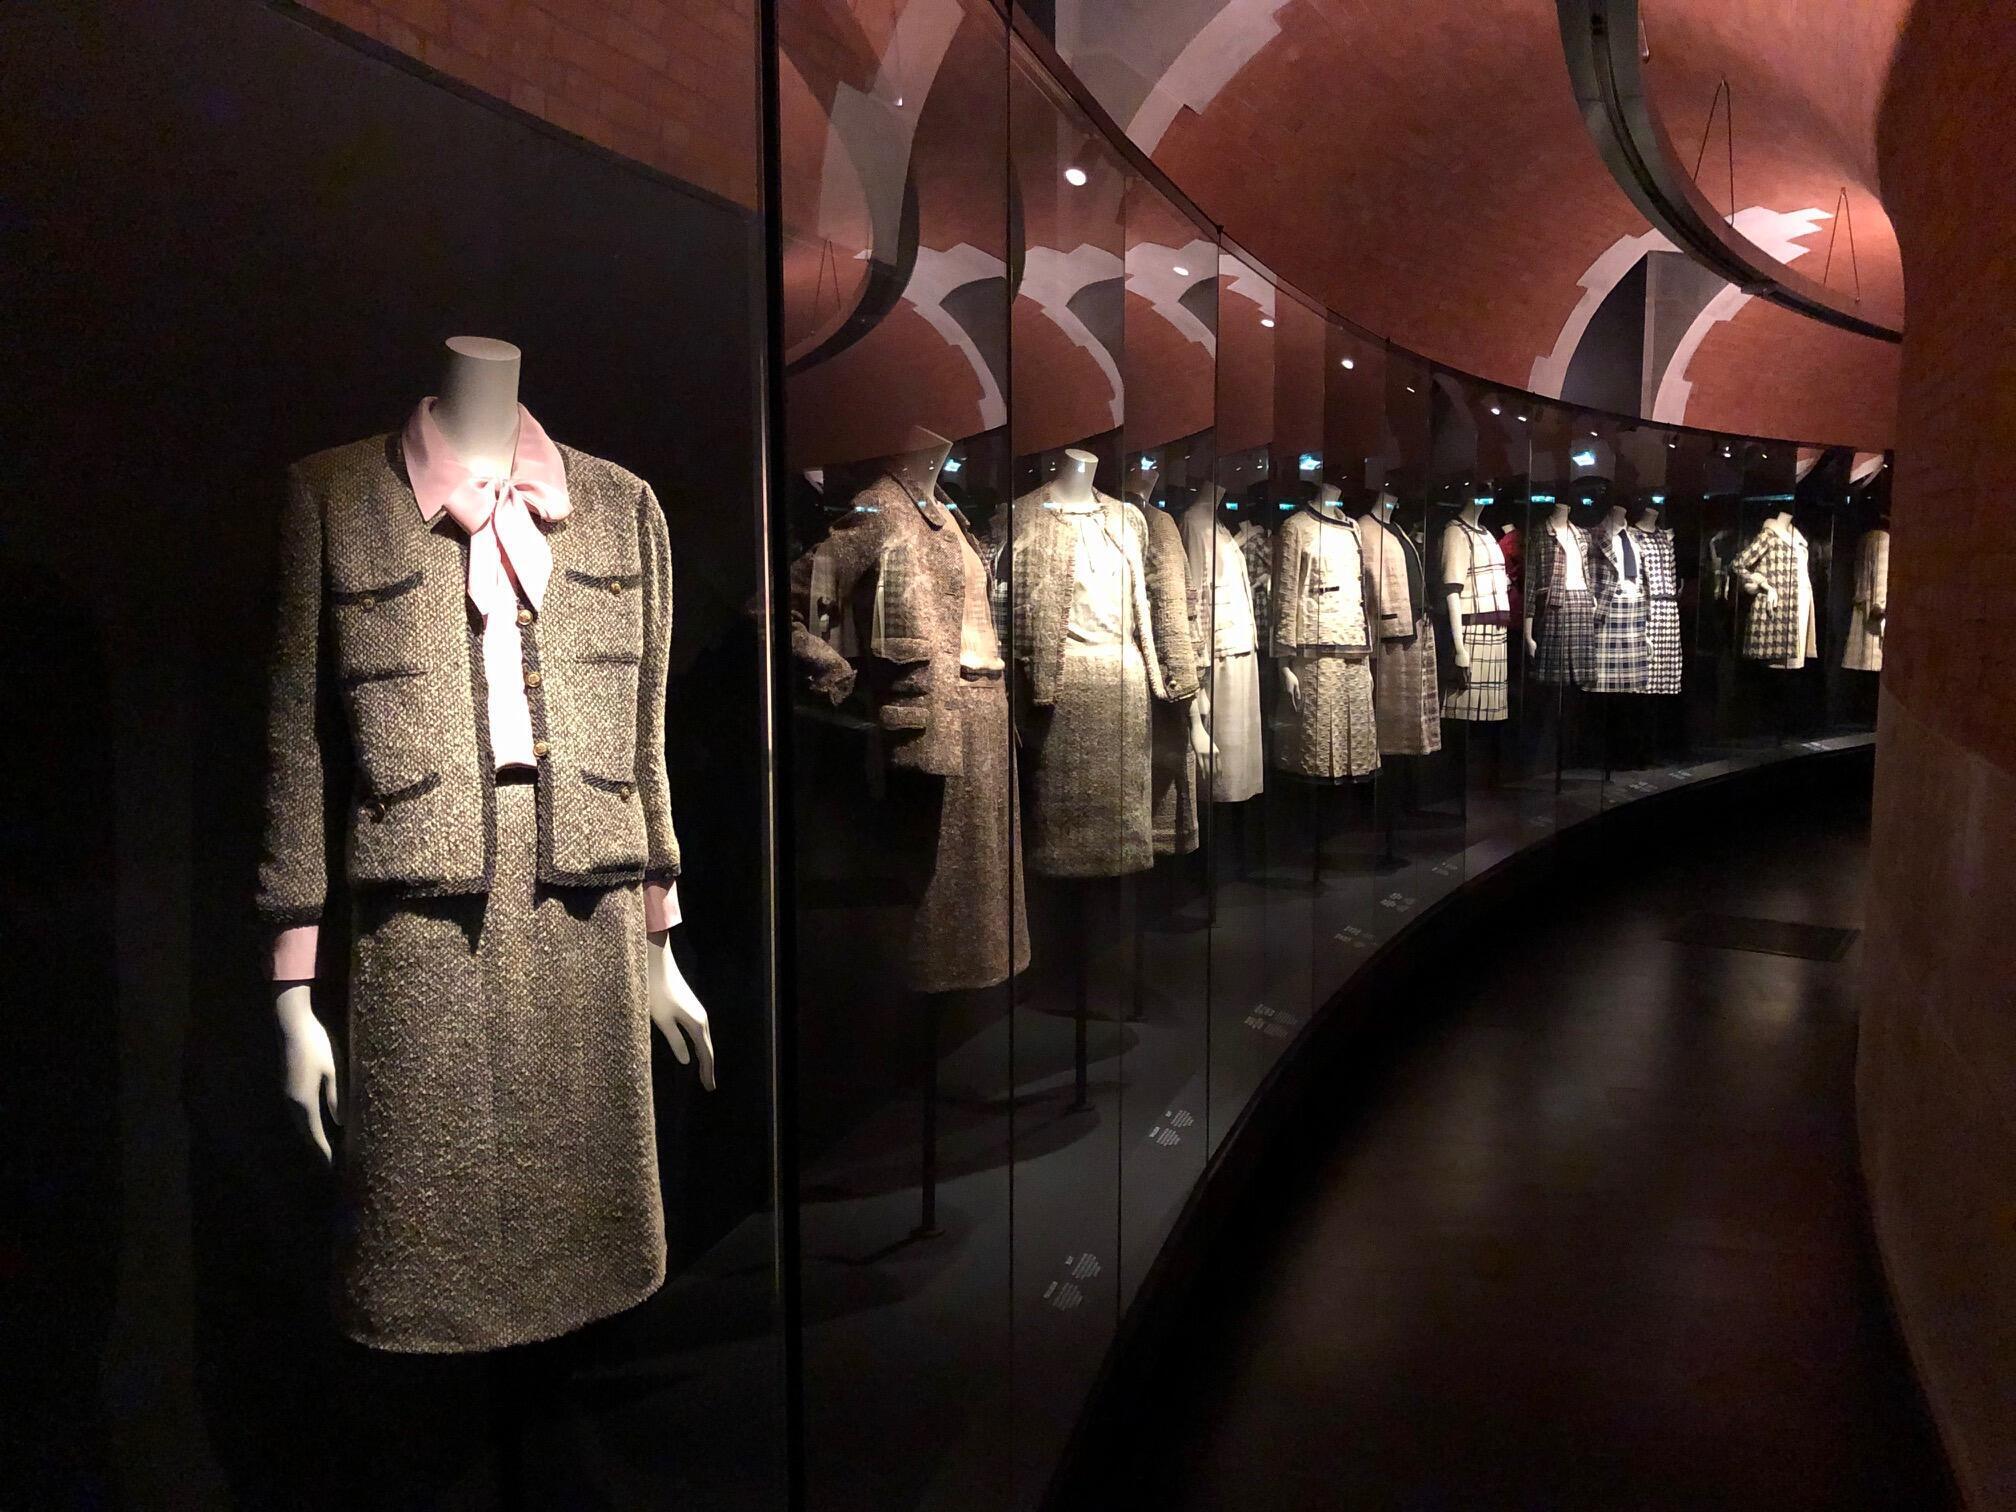 Vue de la première rétrospective parisienne sur l'œuvre de Gabrielle Chanel au Palais Galliera, « Manifeste de Mode ».